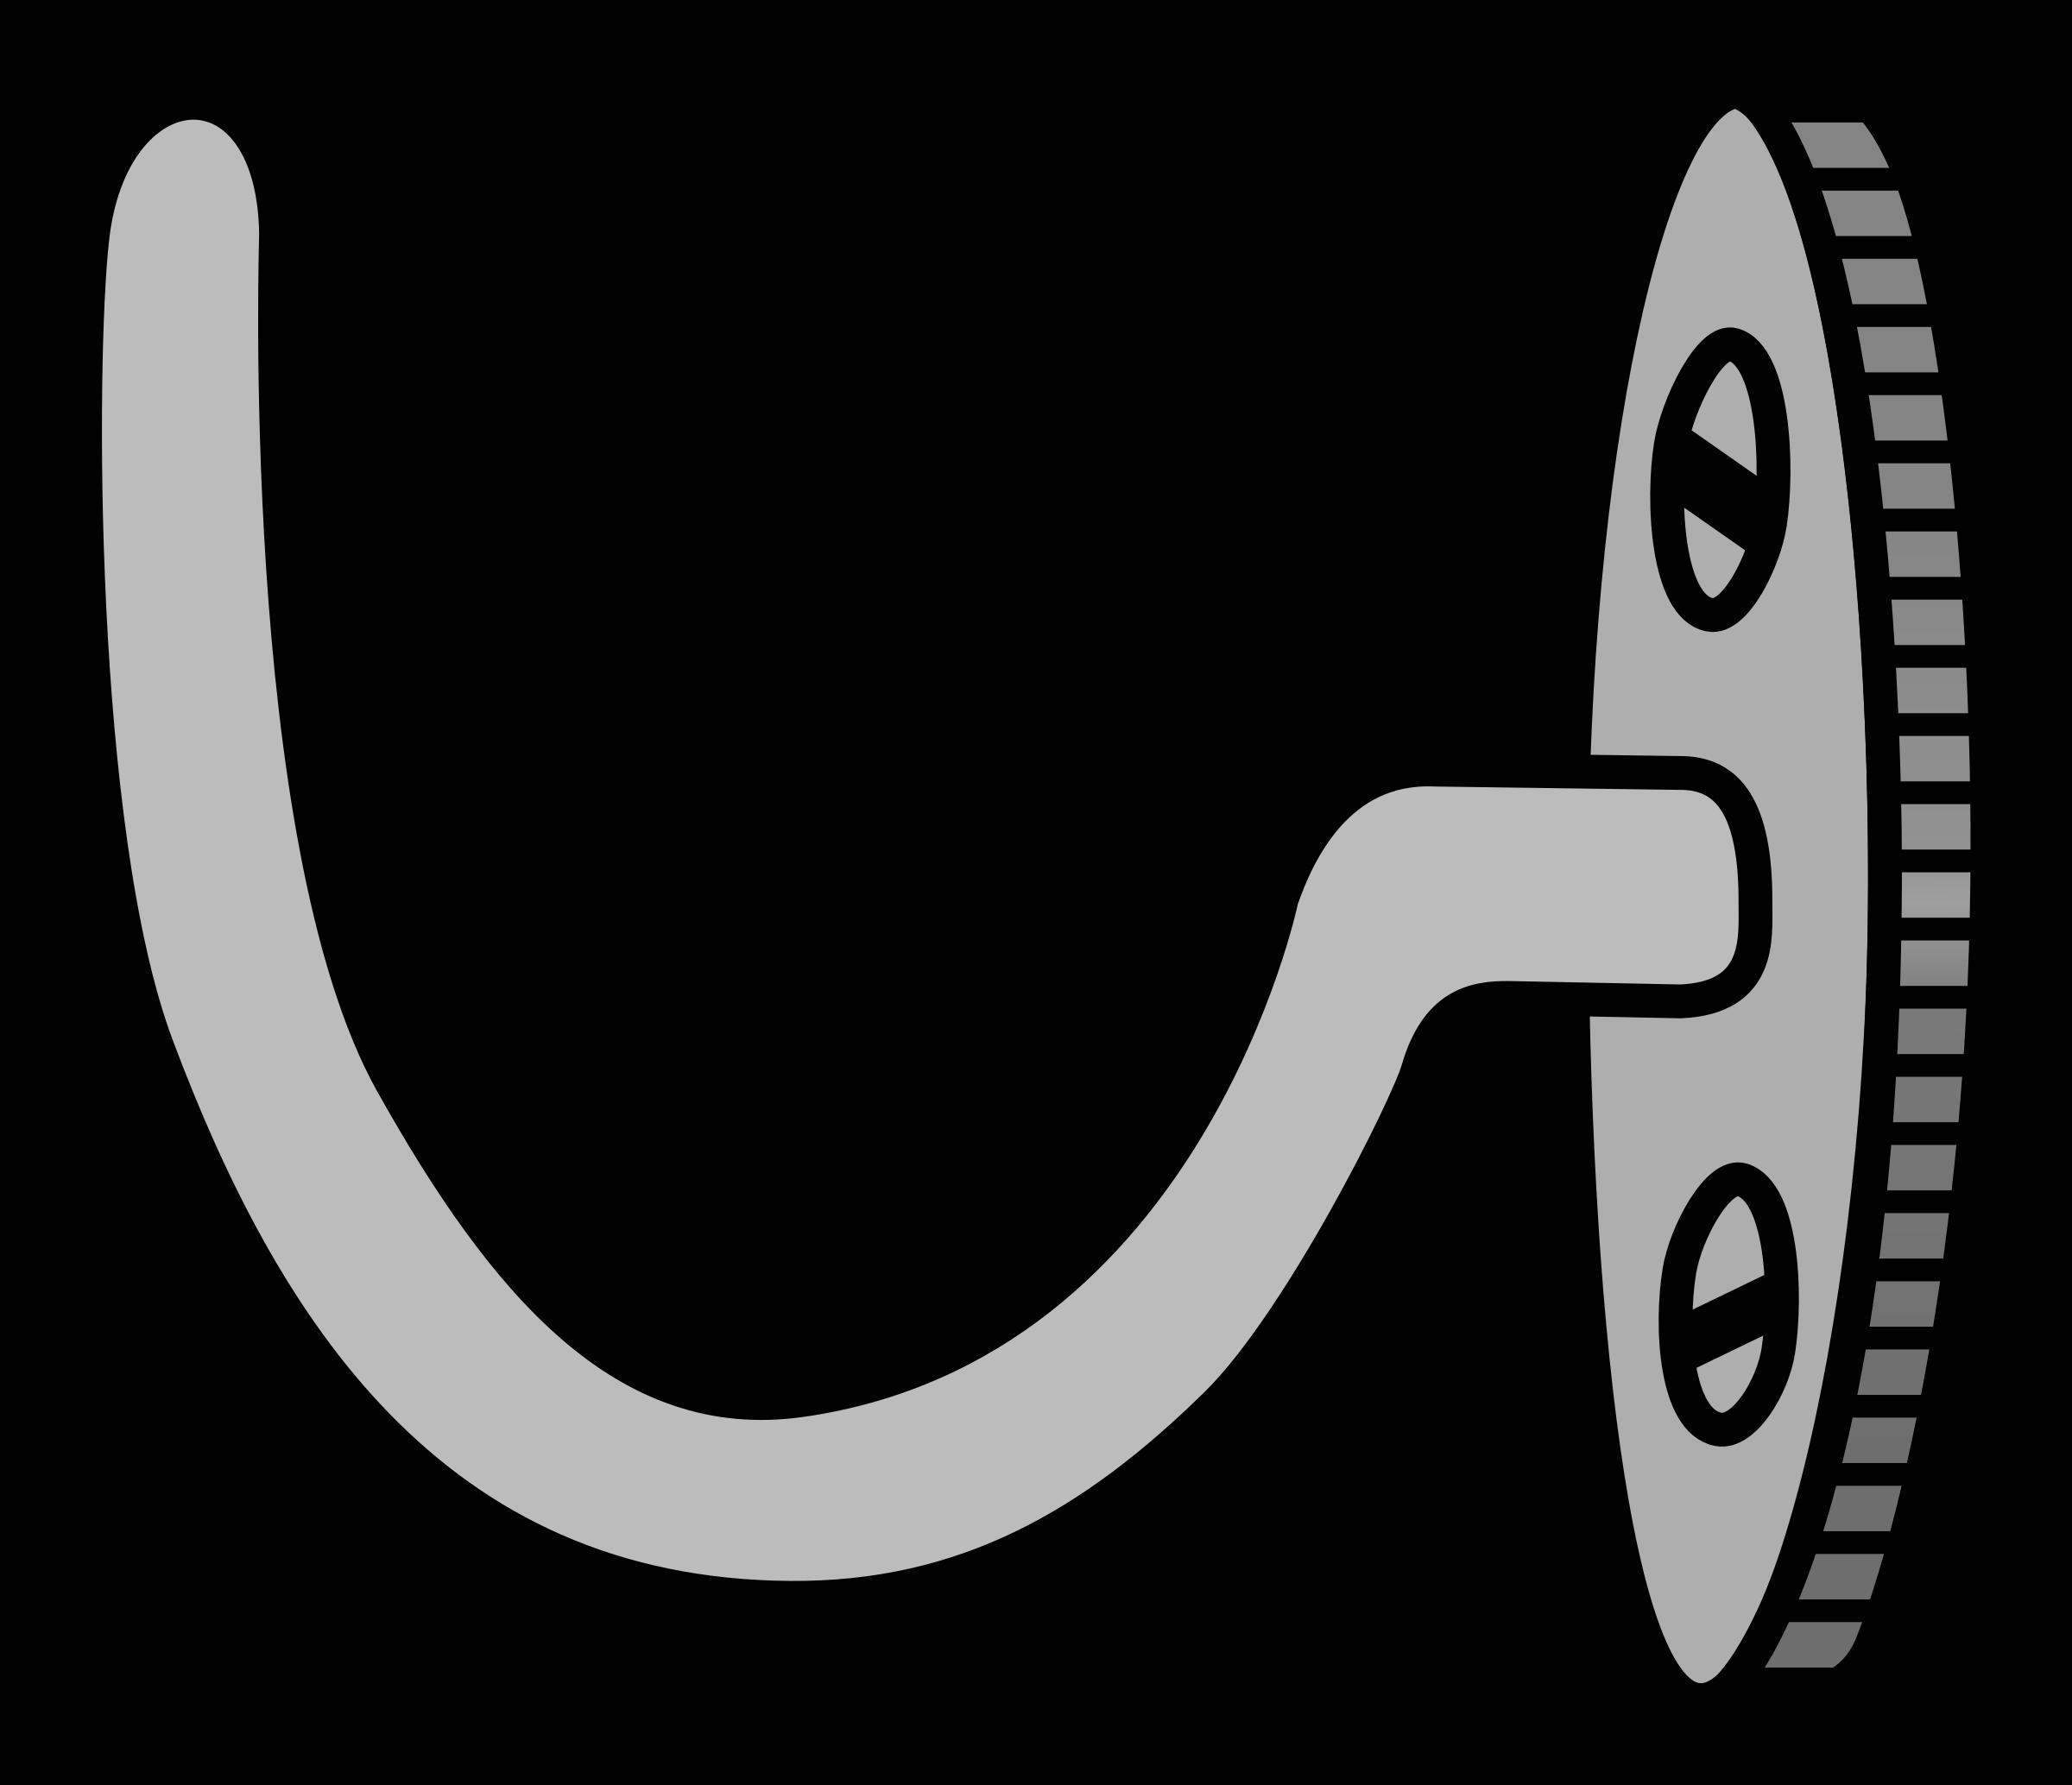 Hook clip art.